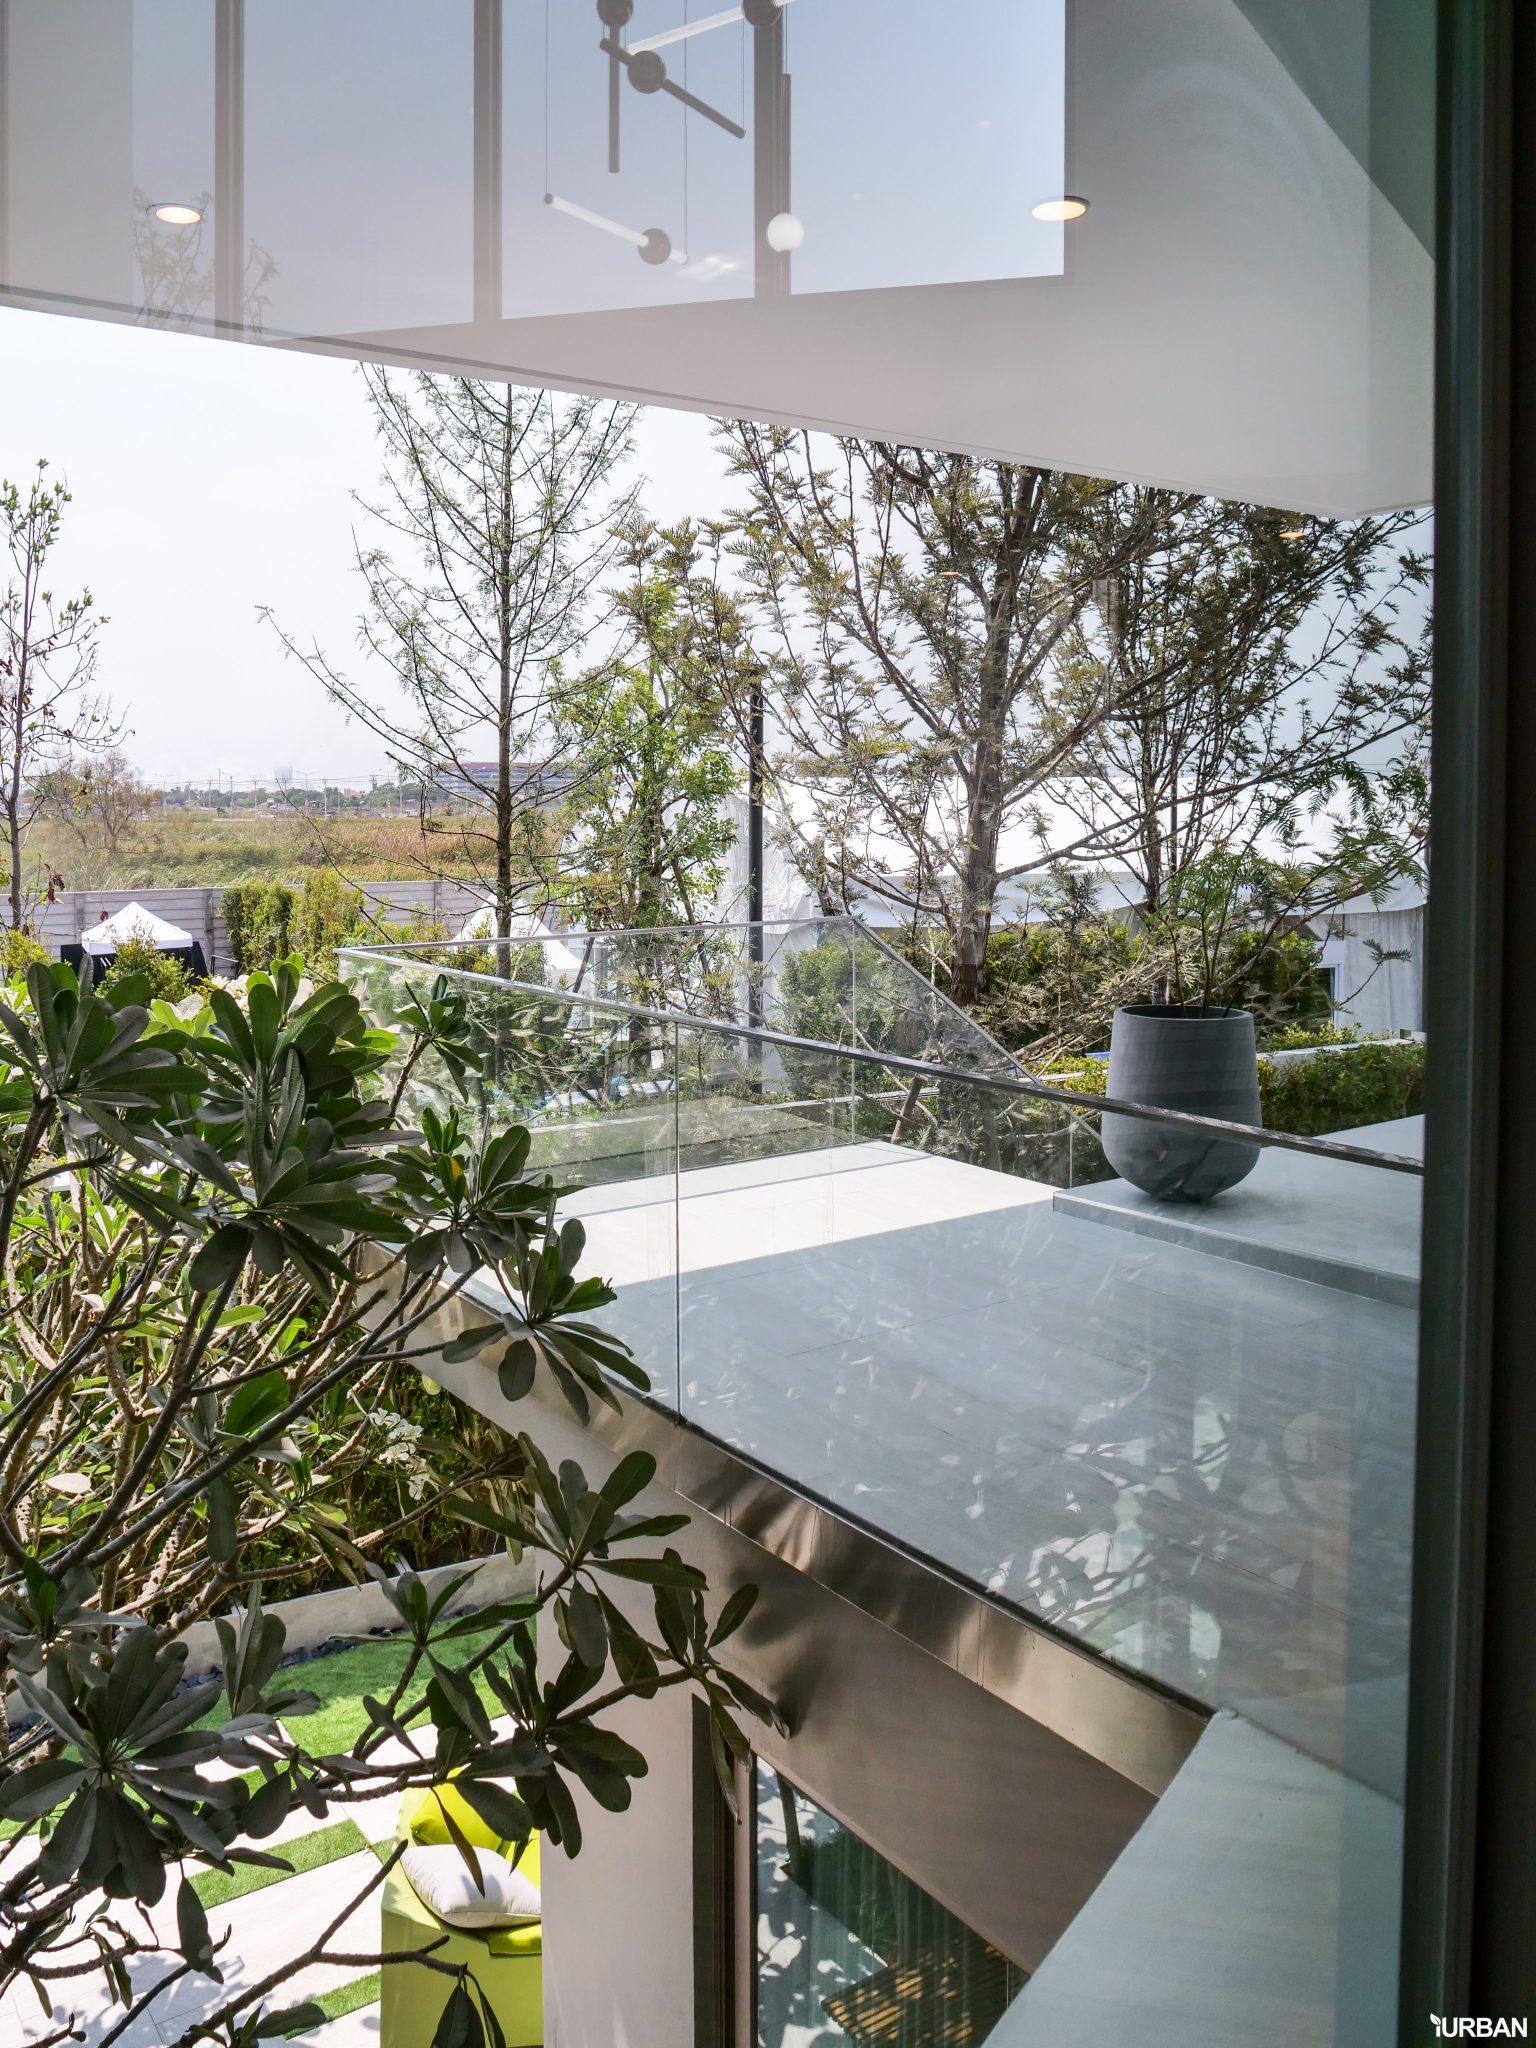 """""""เนอวานา ไดอิ"""" ปฏิวัติรูปแบบการอยู่อาศัย พร้อมเปิดโครงการ """"เนอวานา บียอนด์ พระราม 9-กรุงเทพกรีฑา"""" บ้านต้นแบบแนวคิดใหม่ 34 -"""